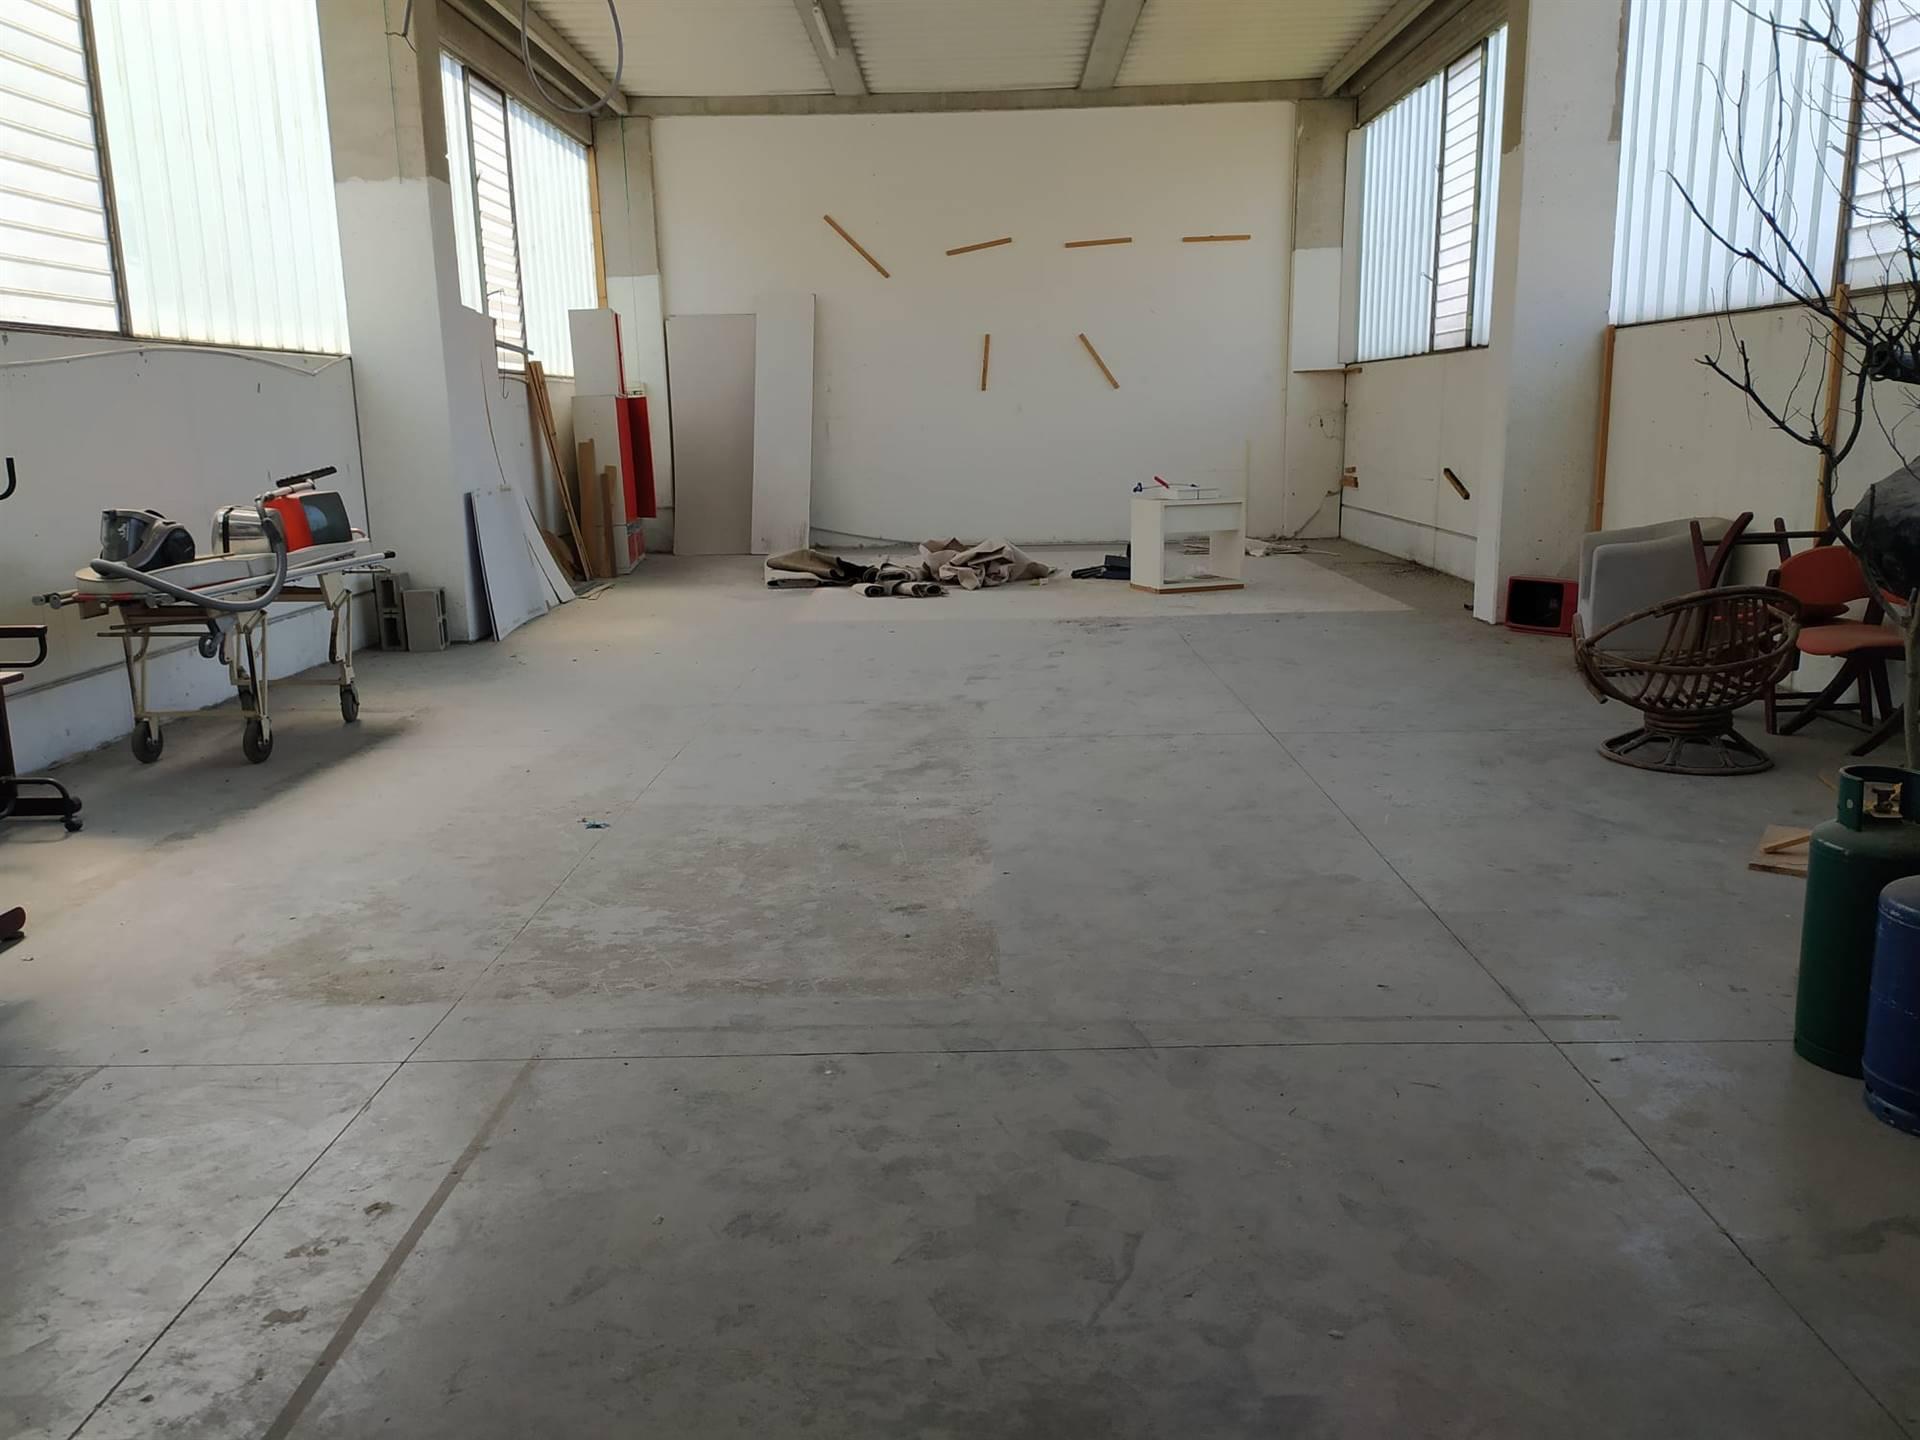 Capannone in vendita a Ventimiglia, 4 locali, zona rino, prezzo € 200.000 | PortaleAgenzieImmobiliari.it